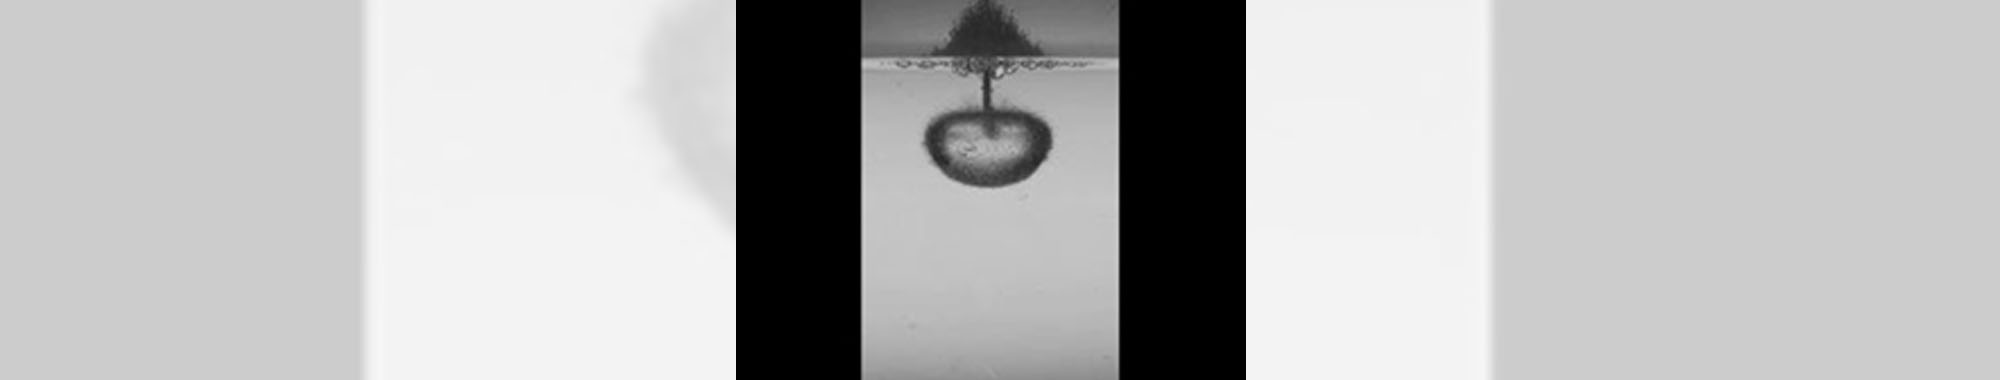 ハイスピードカメラによる水中での爆発現象の可視化